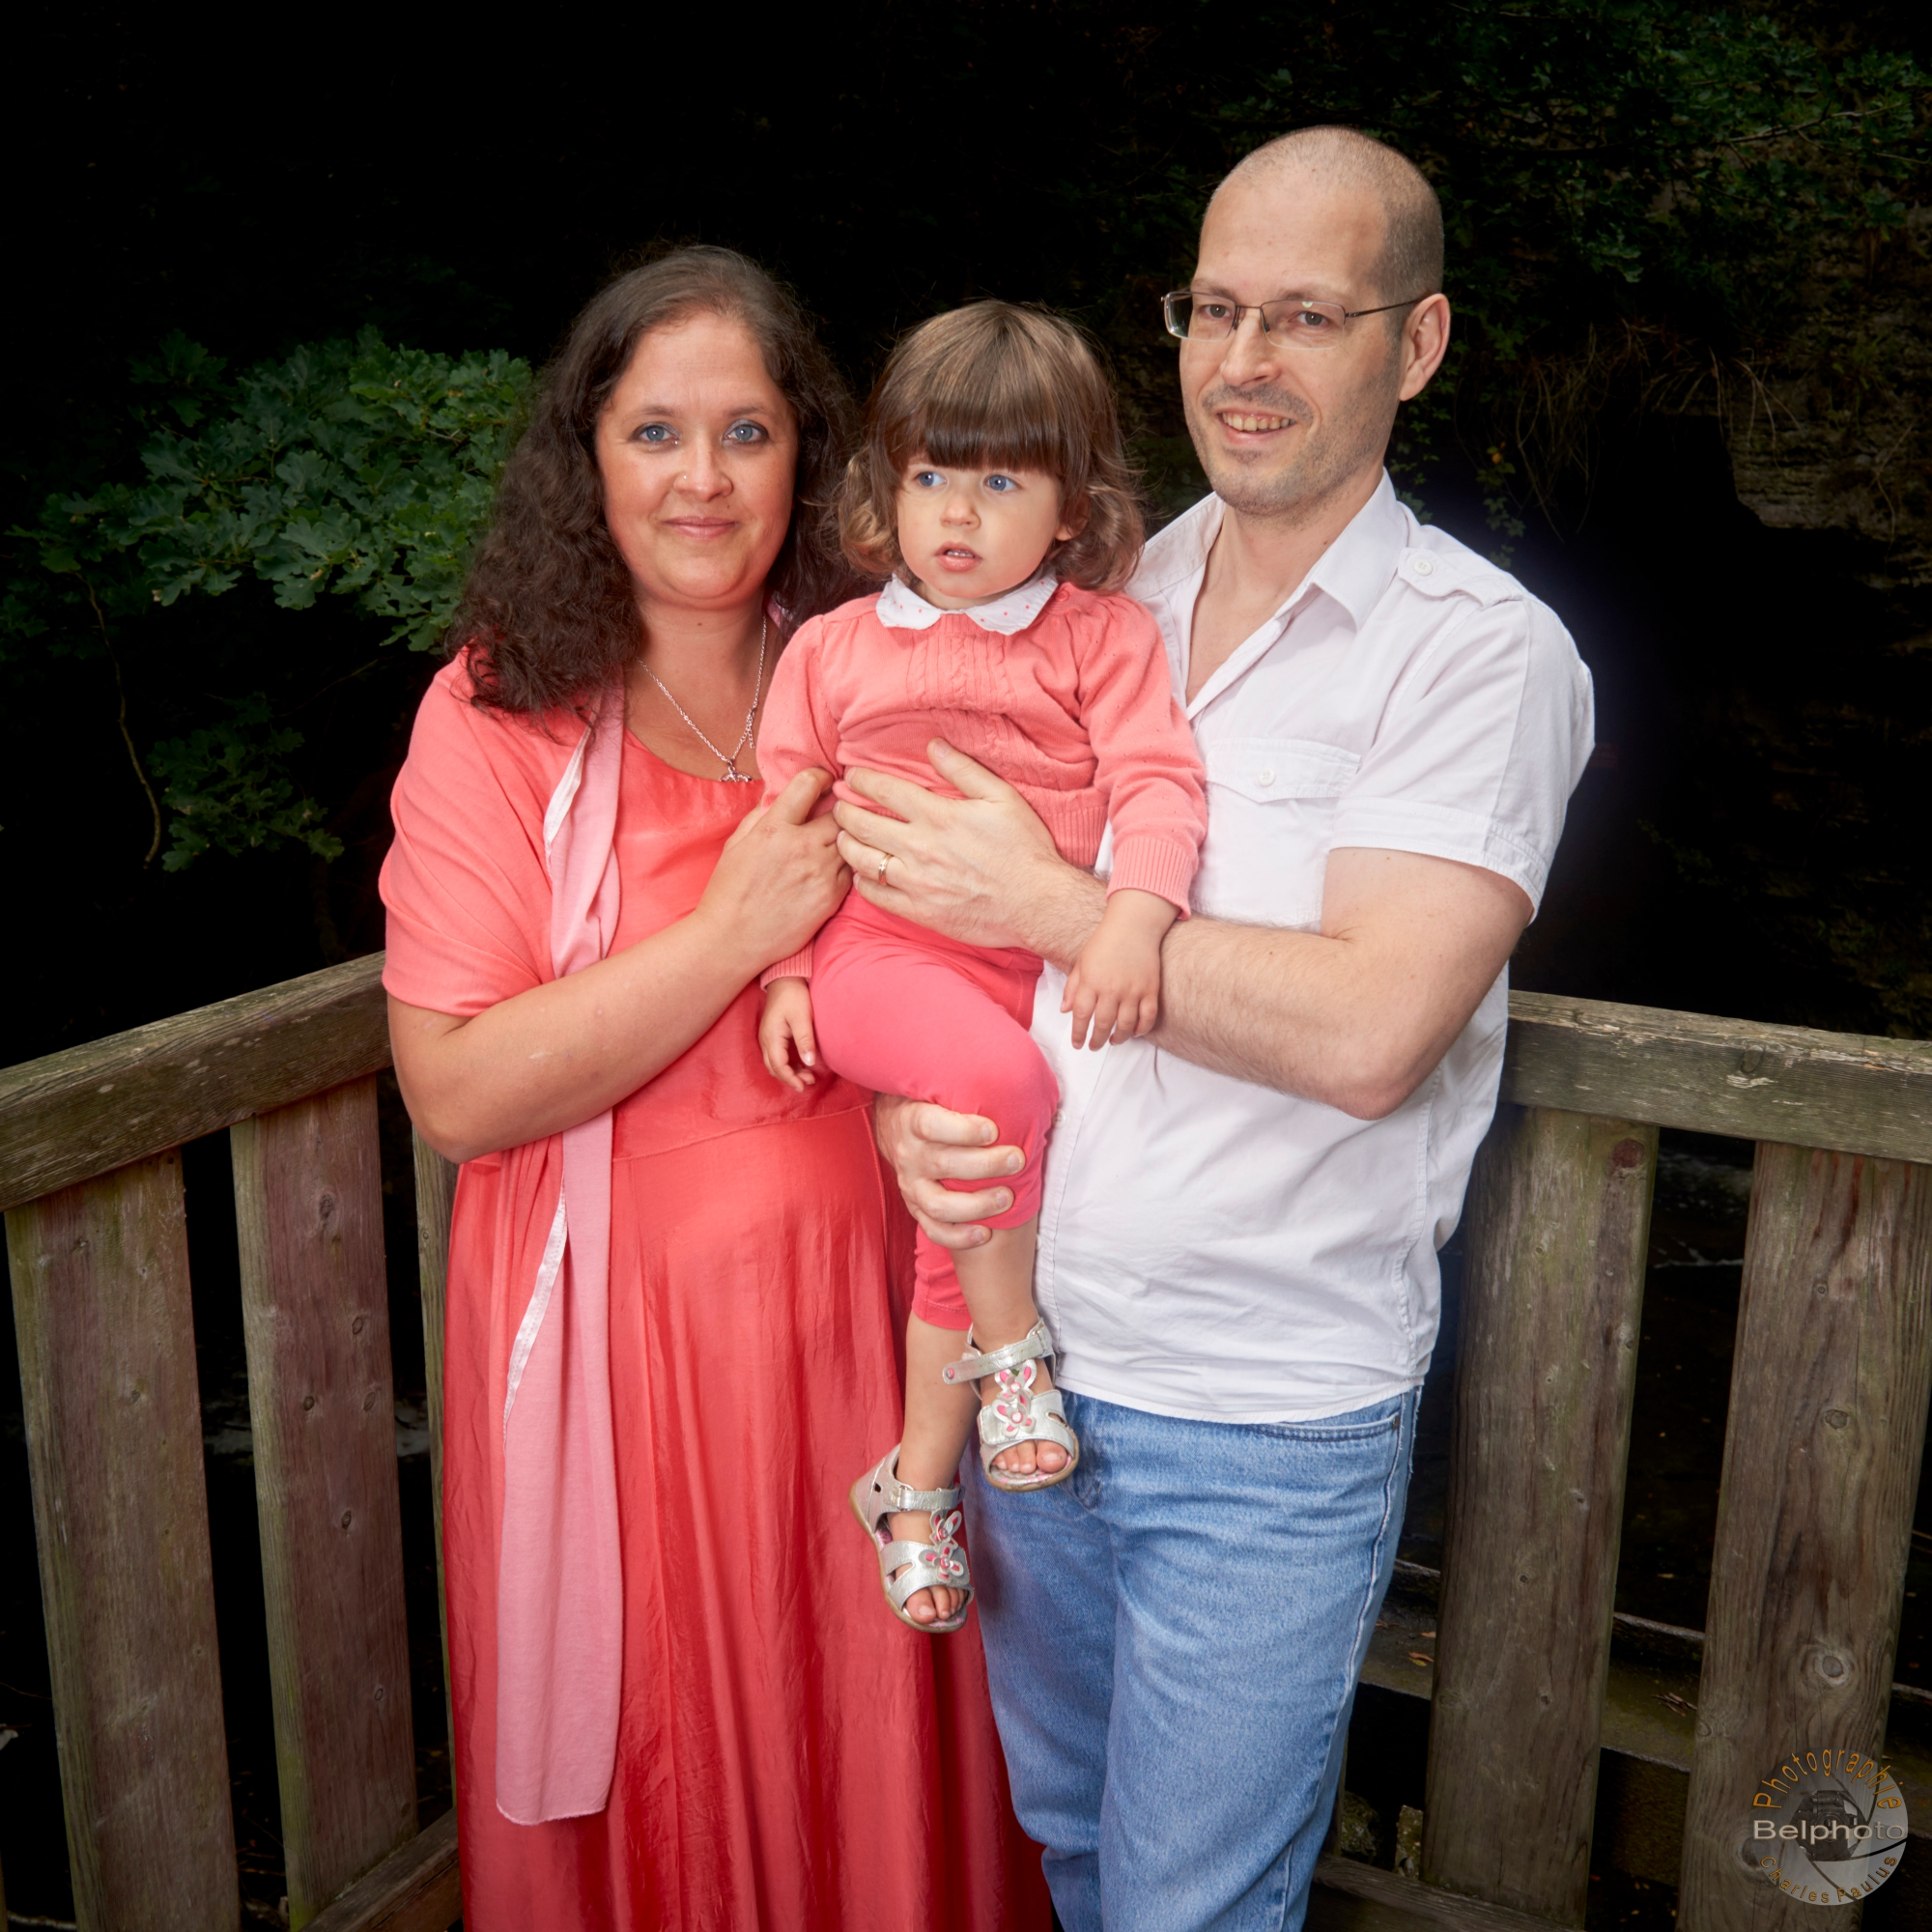 Studio Belphoto Famille 0143